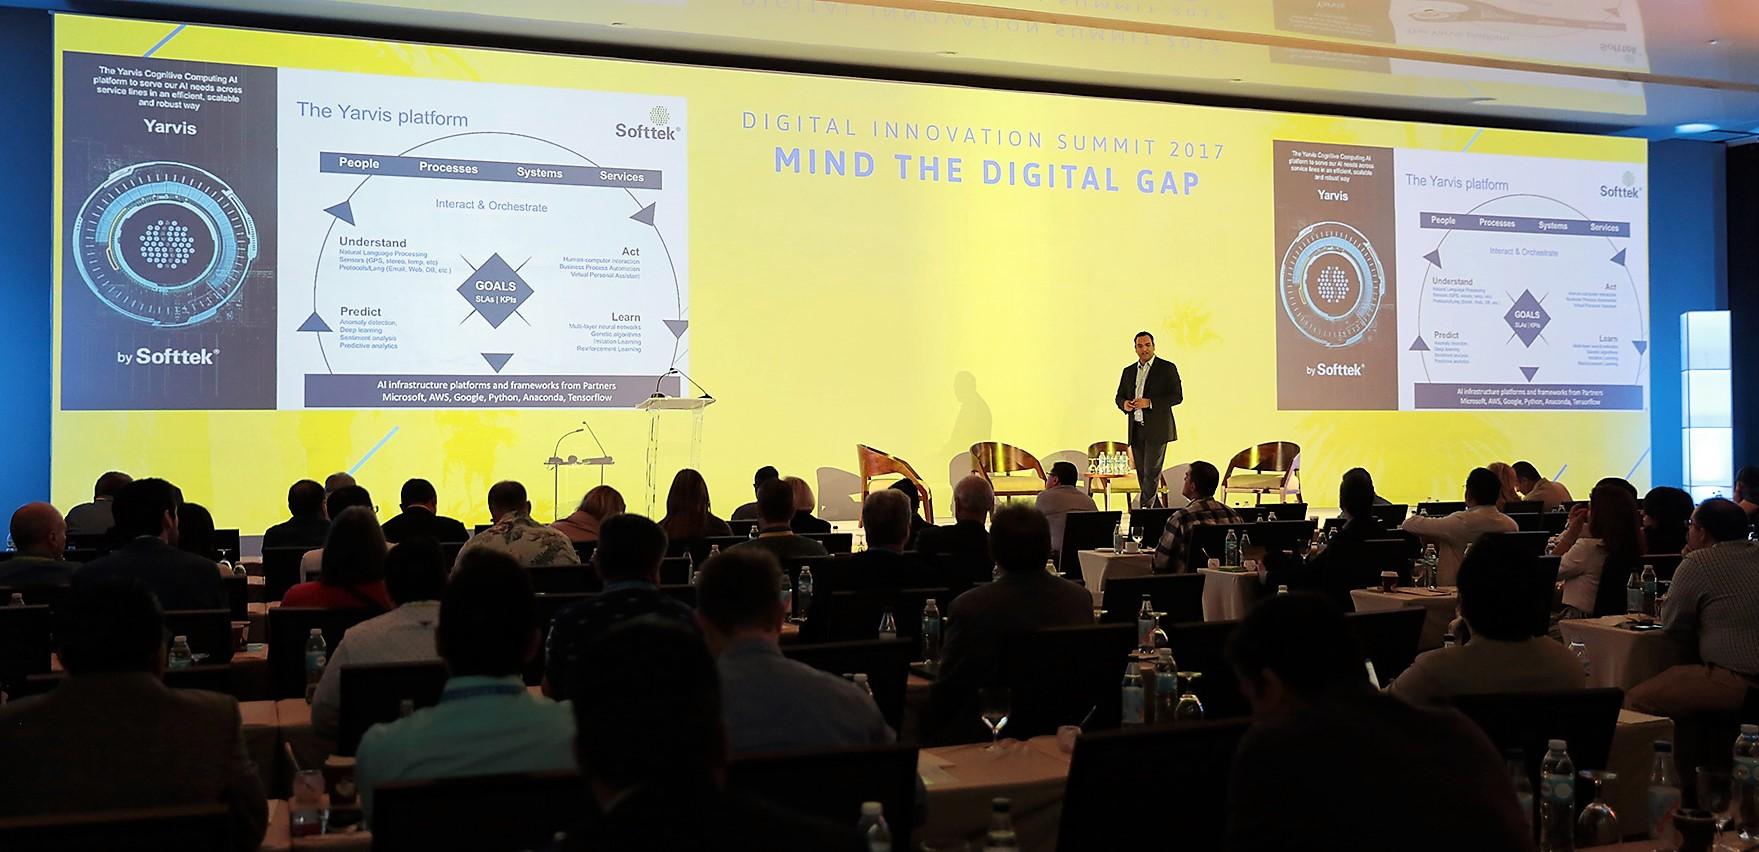 Softtek 2017 Digital Innovation Summit Recap